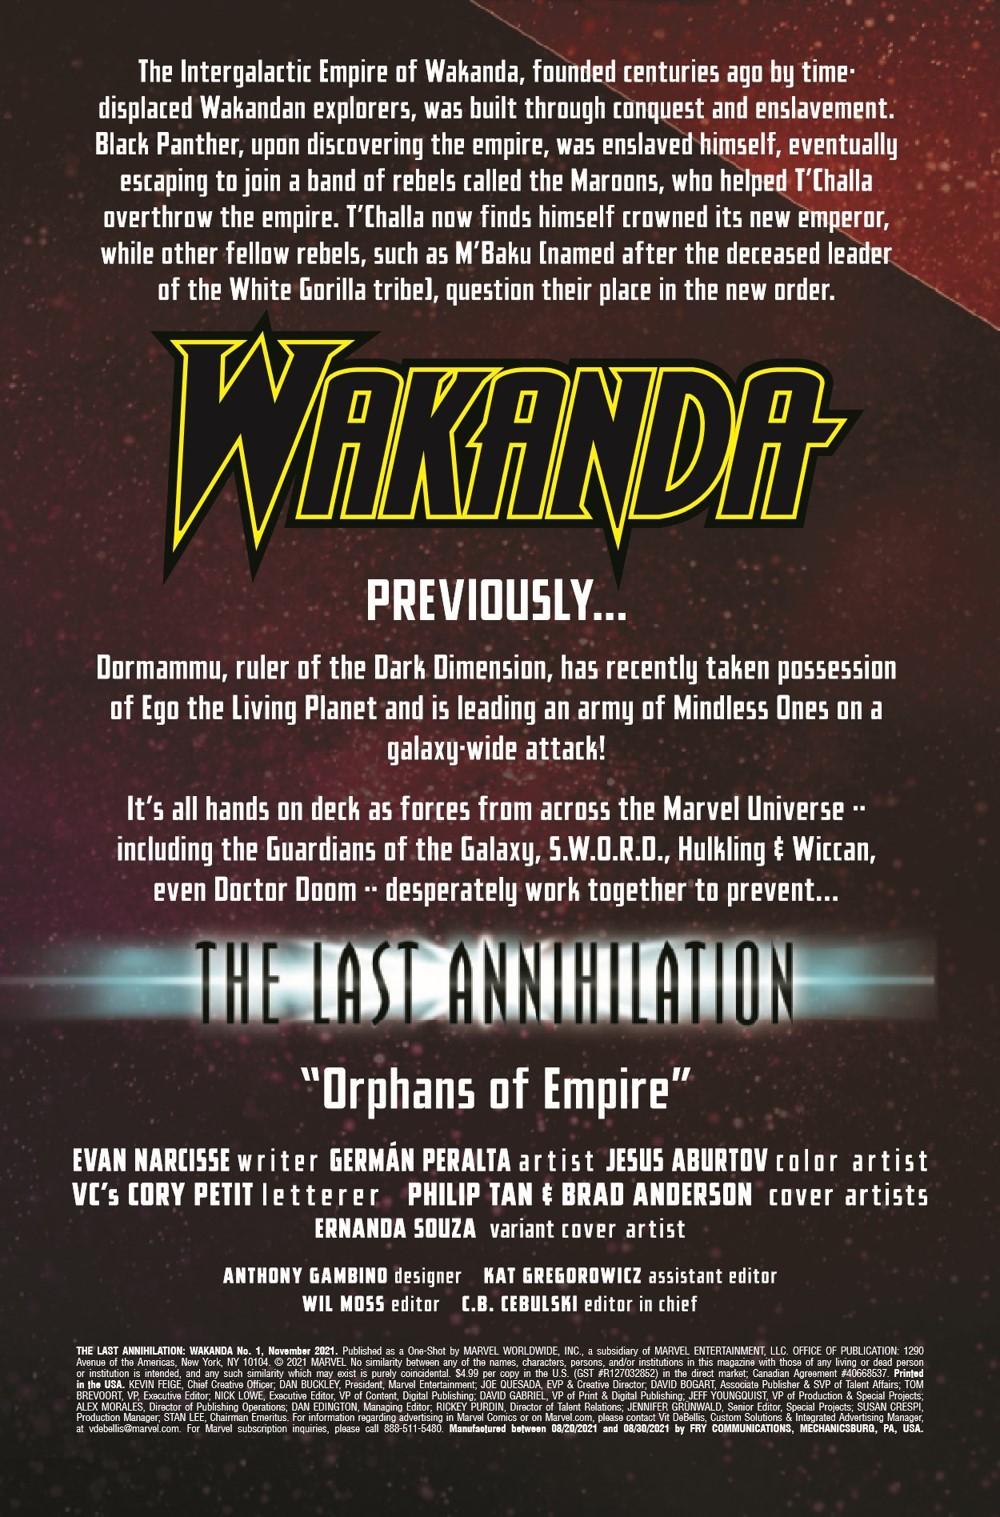 LASTANNIHWA2021001_Preview-2 ComicList Previews: LAST ANNIHILATION WAKANDA #1